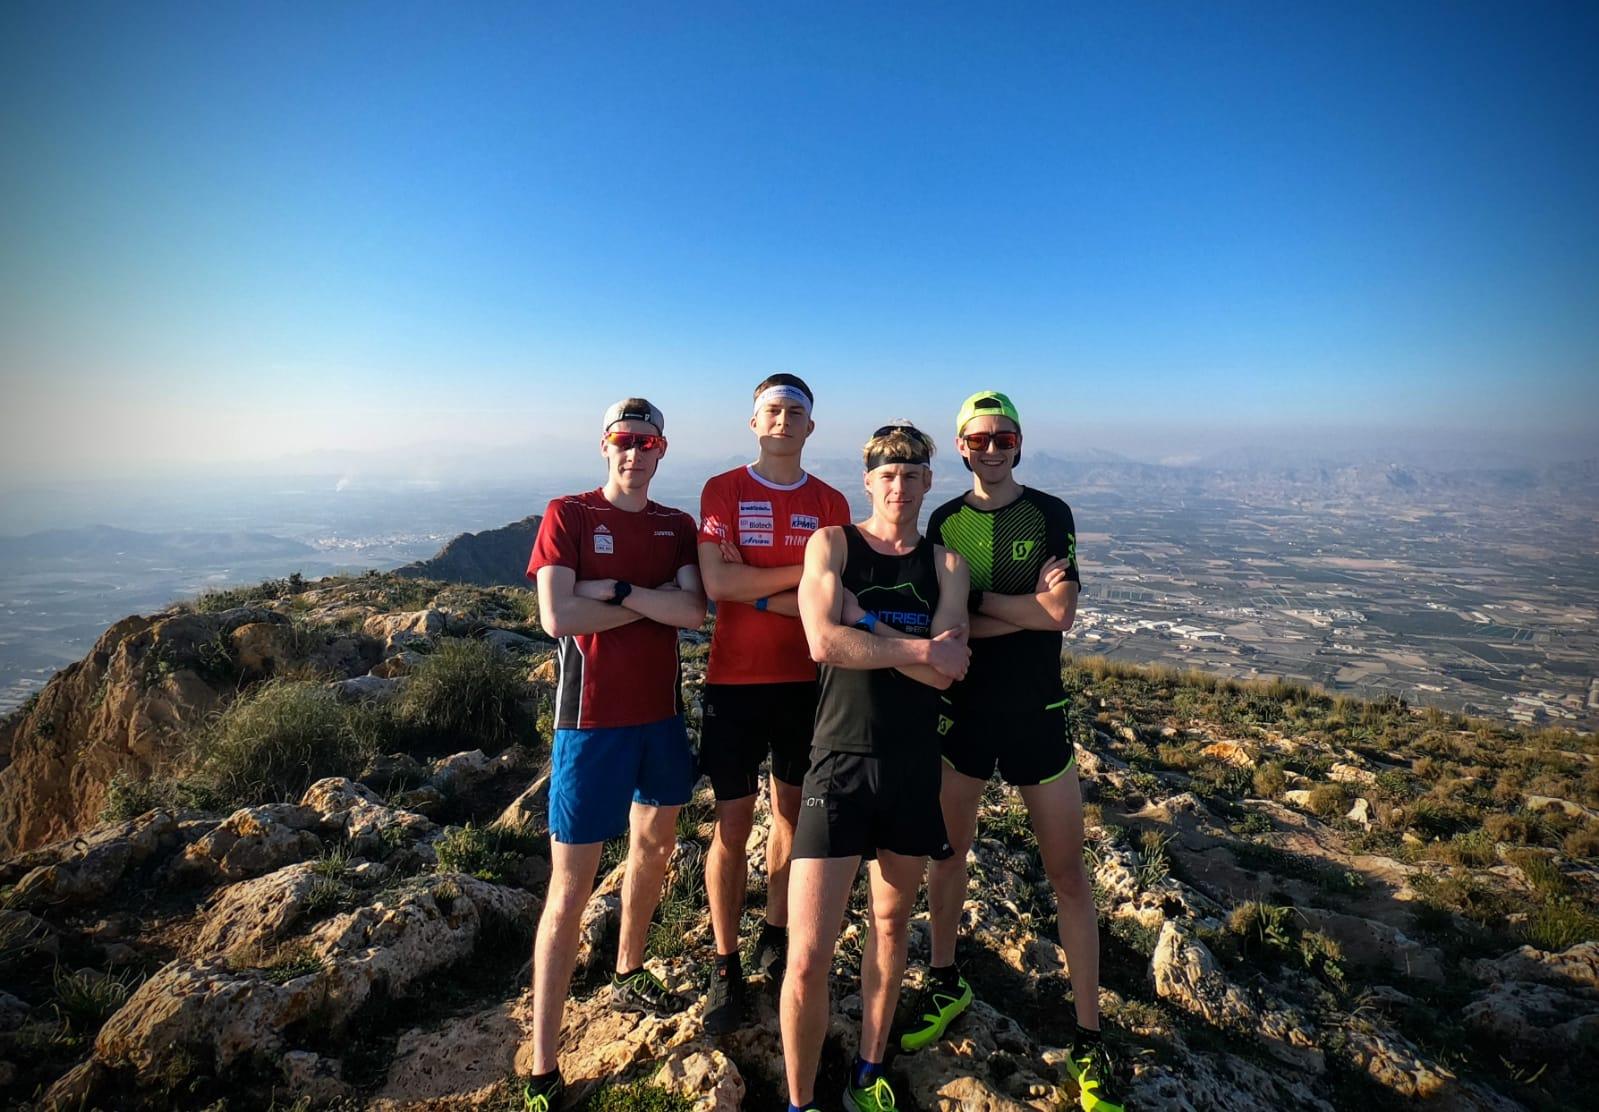 Camp Alicante 2019